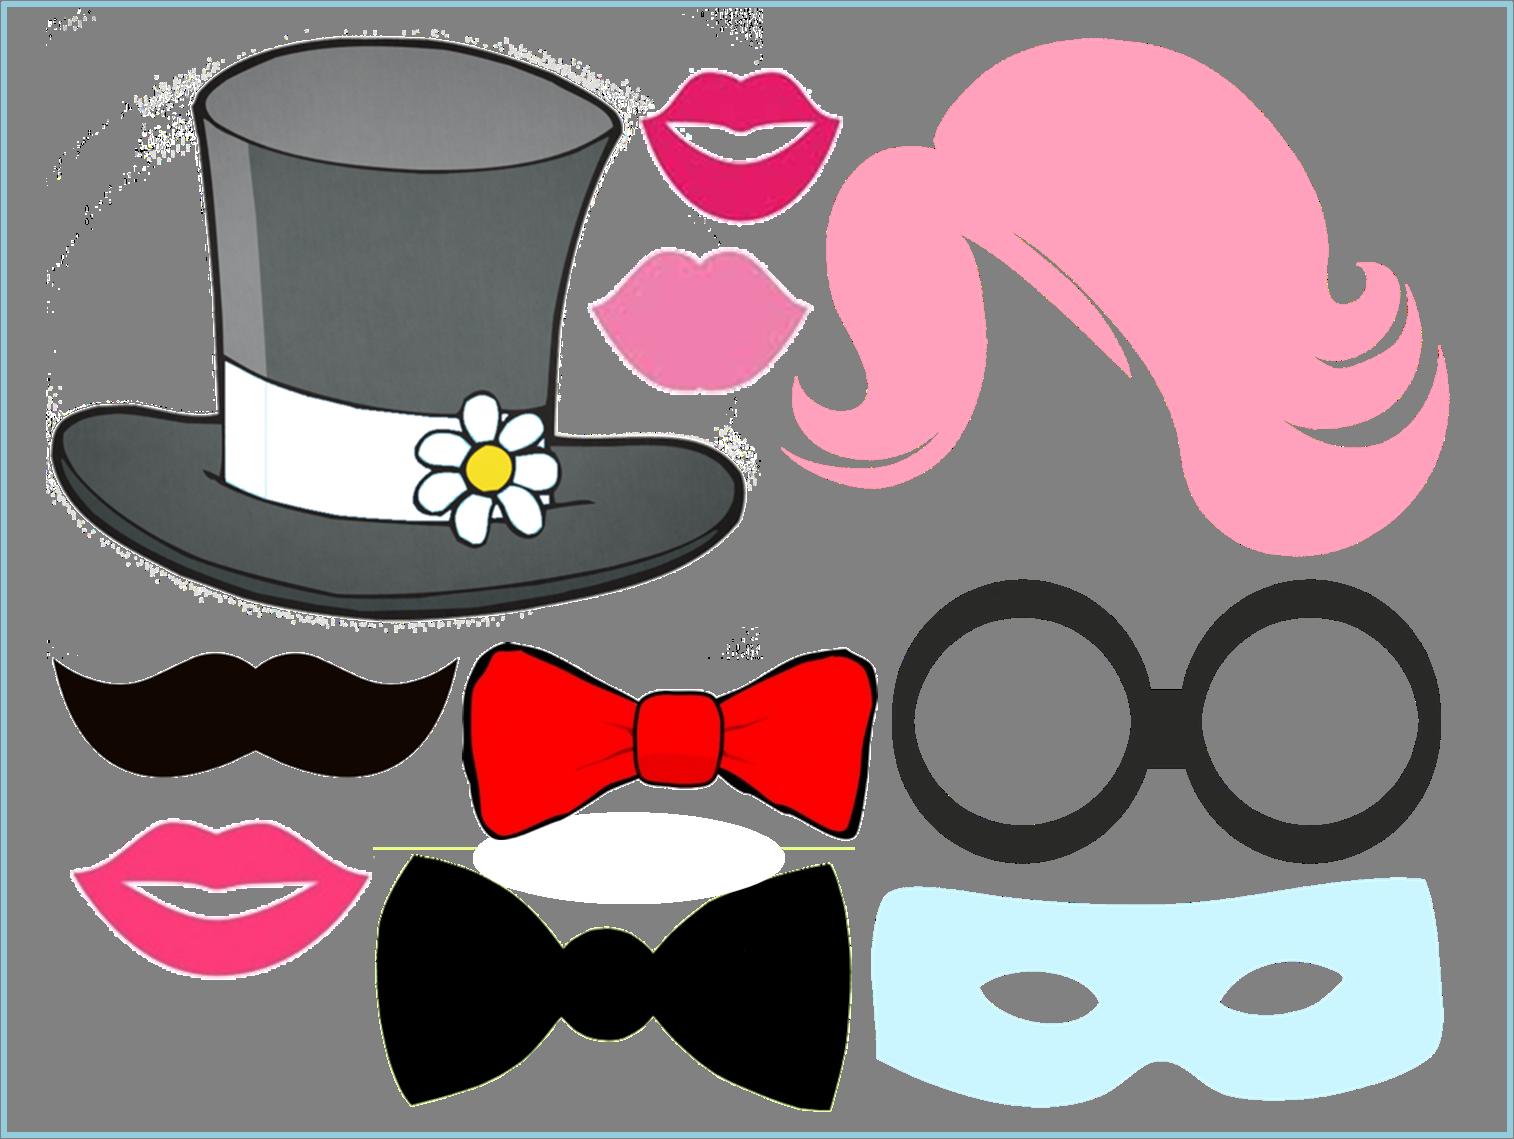 La fiesta jam s. Moustache clipart photo booth